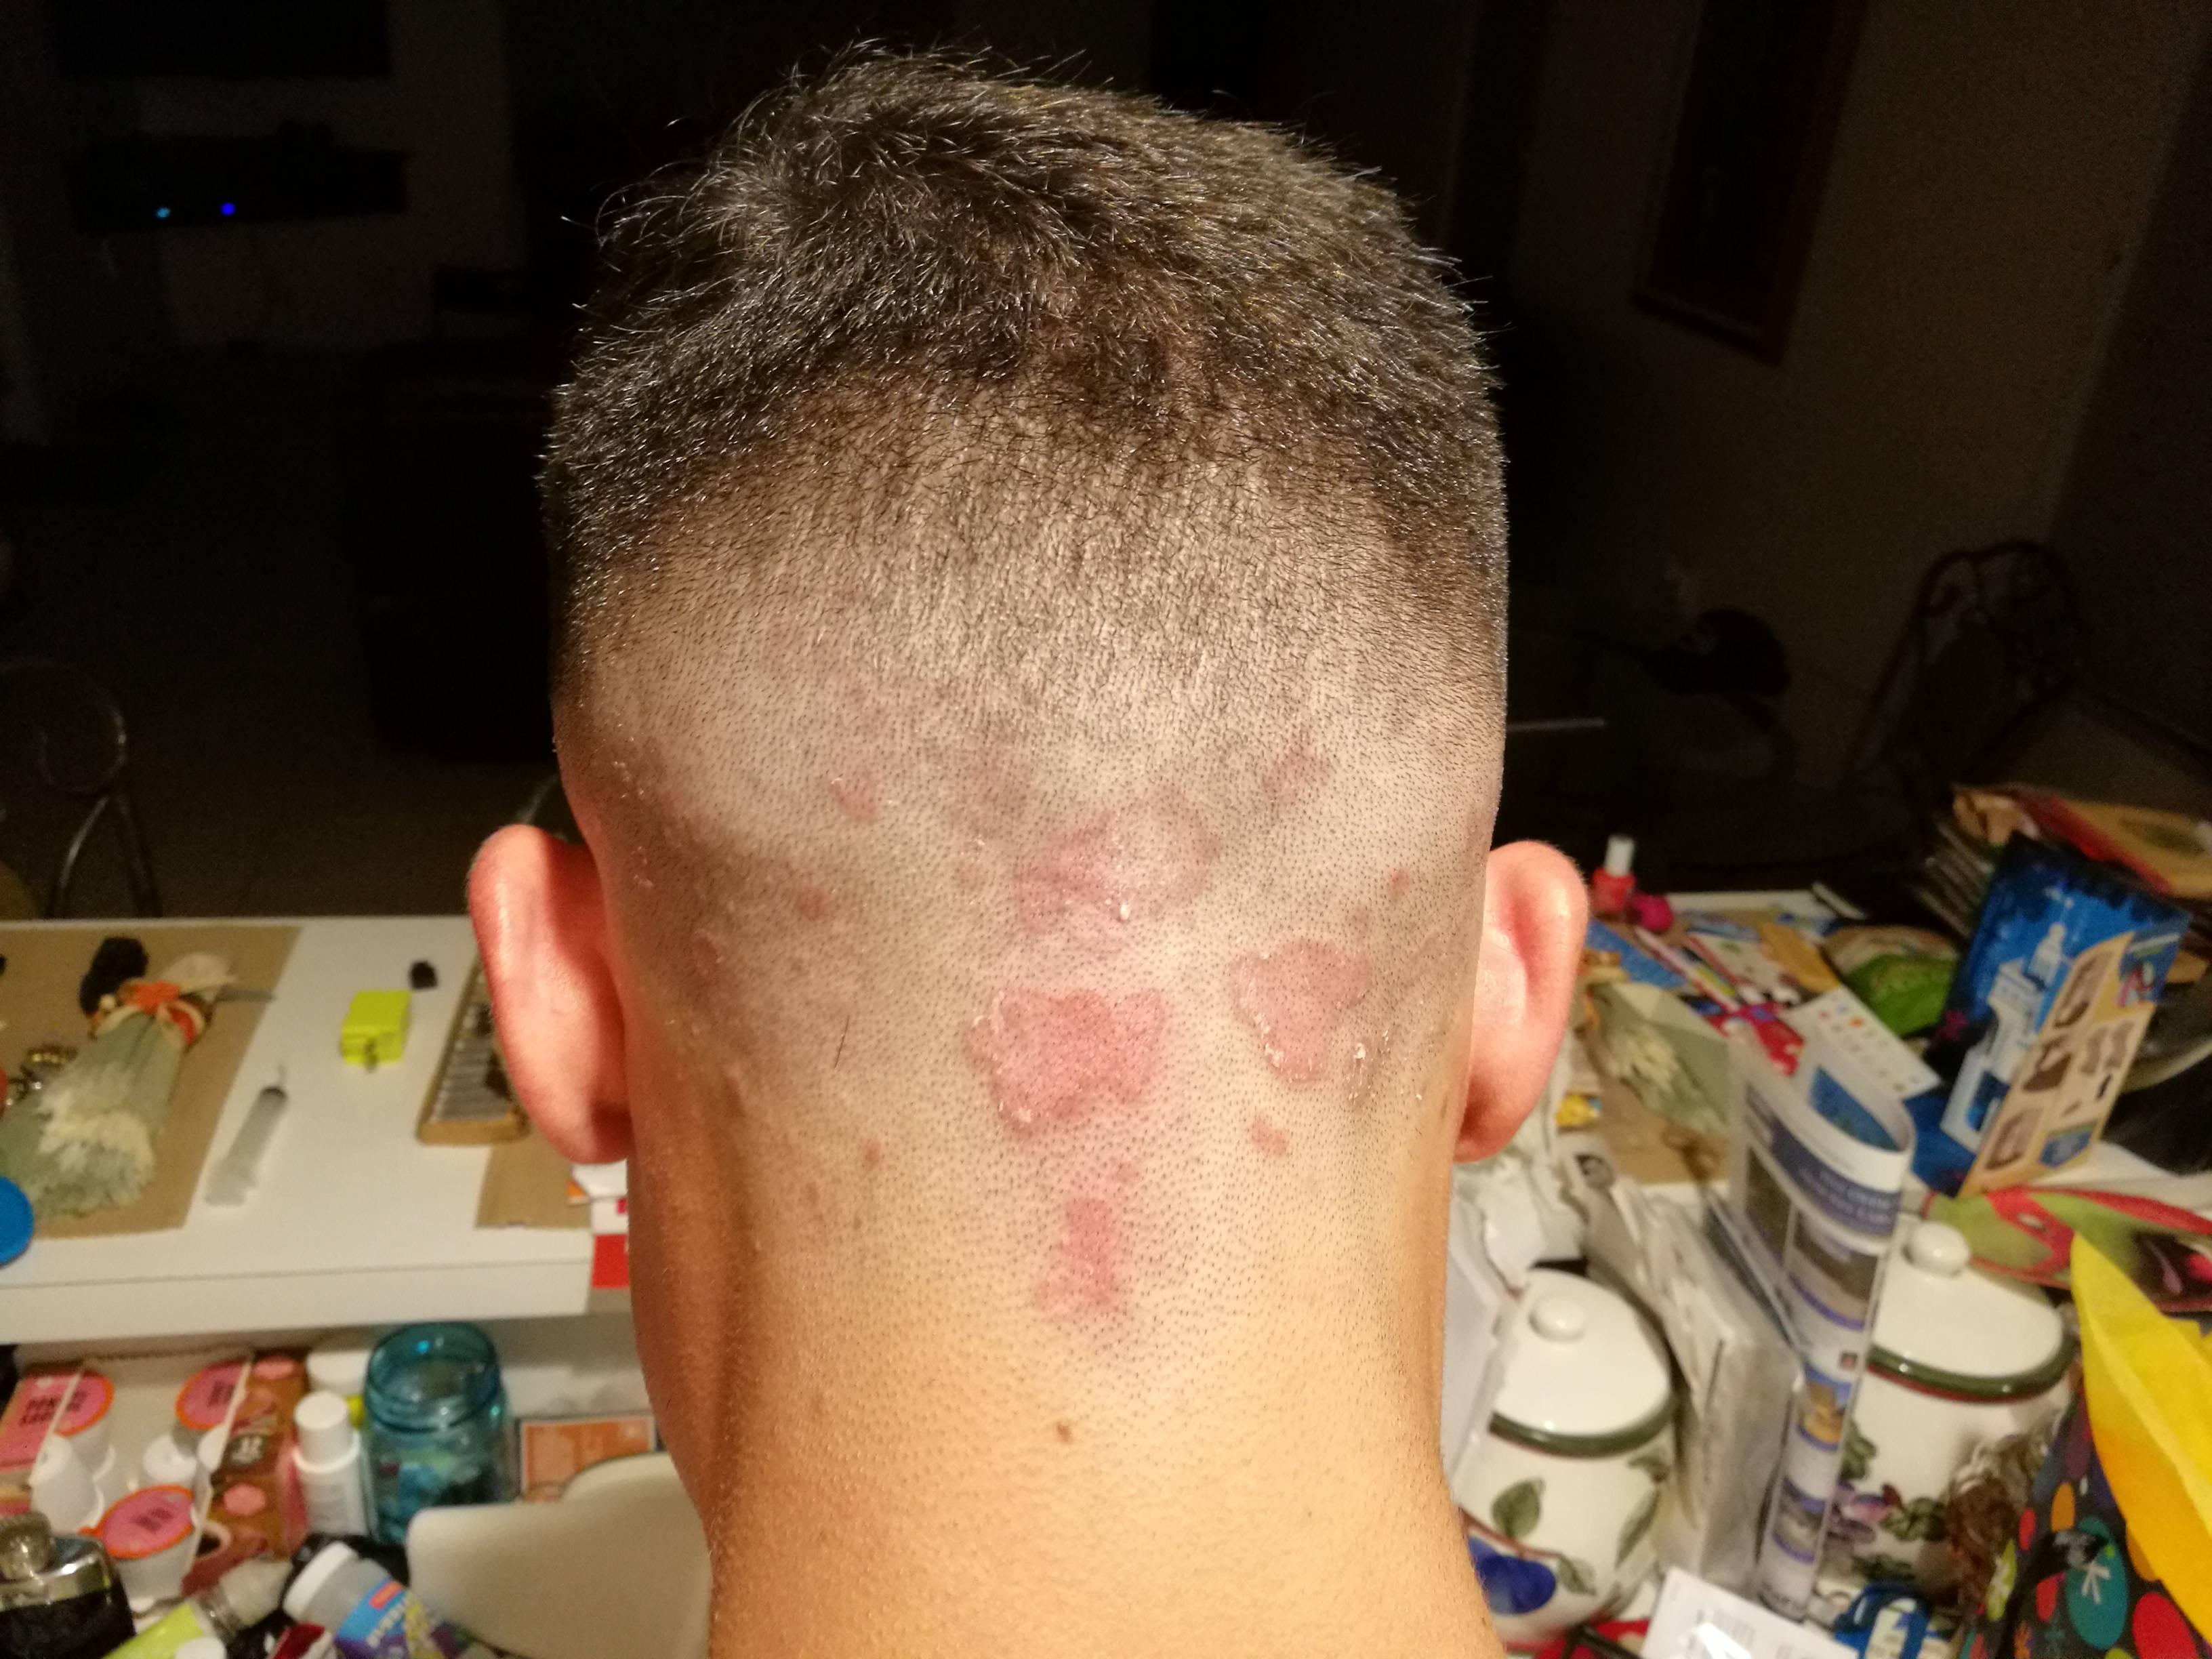 Красные пятна на голове могут означать наличие лишая